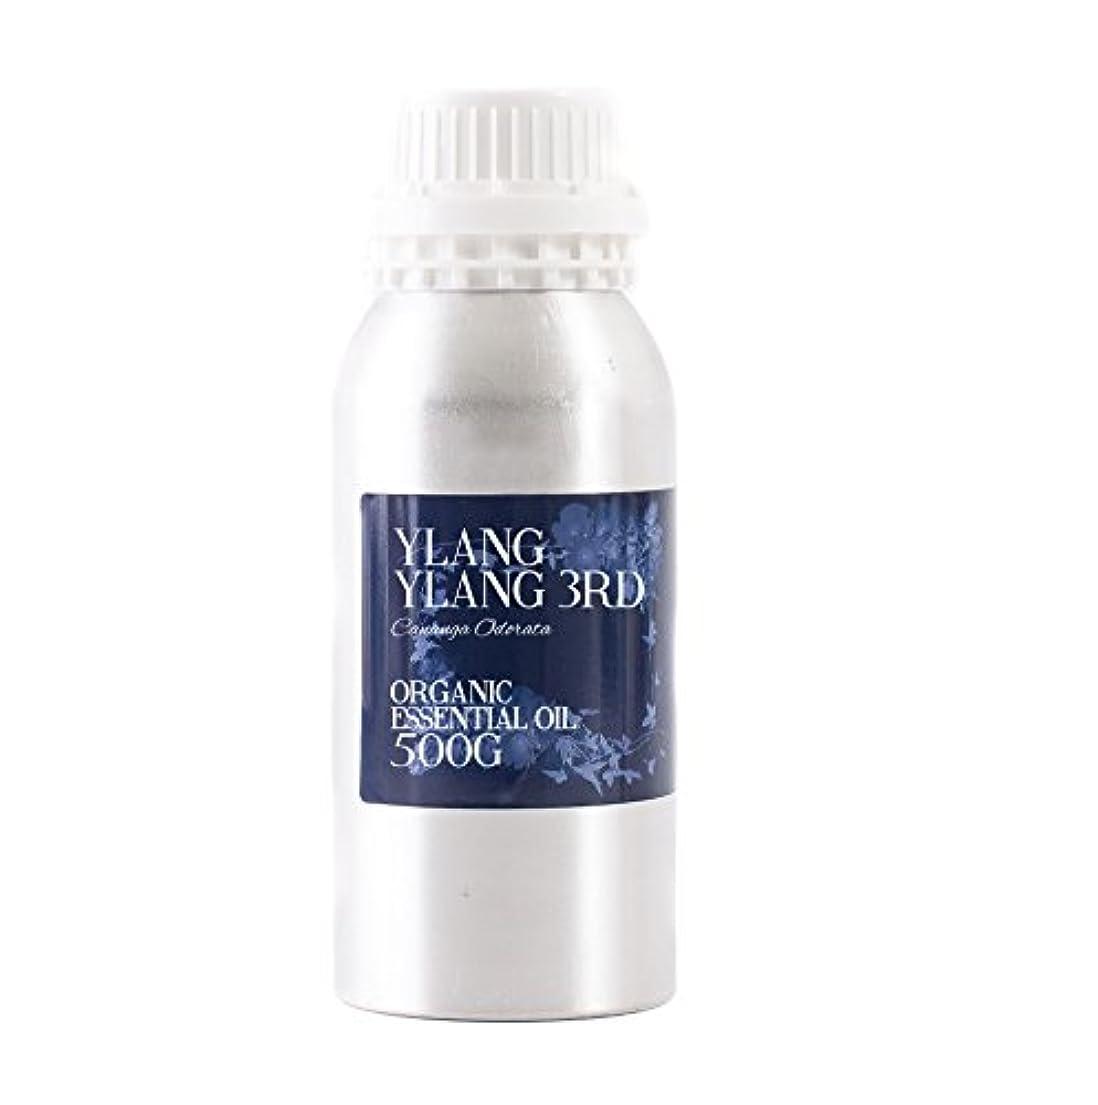 不運ヒュームカロリーMystic Moments | Ylang Ylang 3rd Organic Essential Oil - 500g - 100% Pure